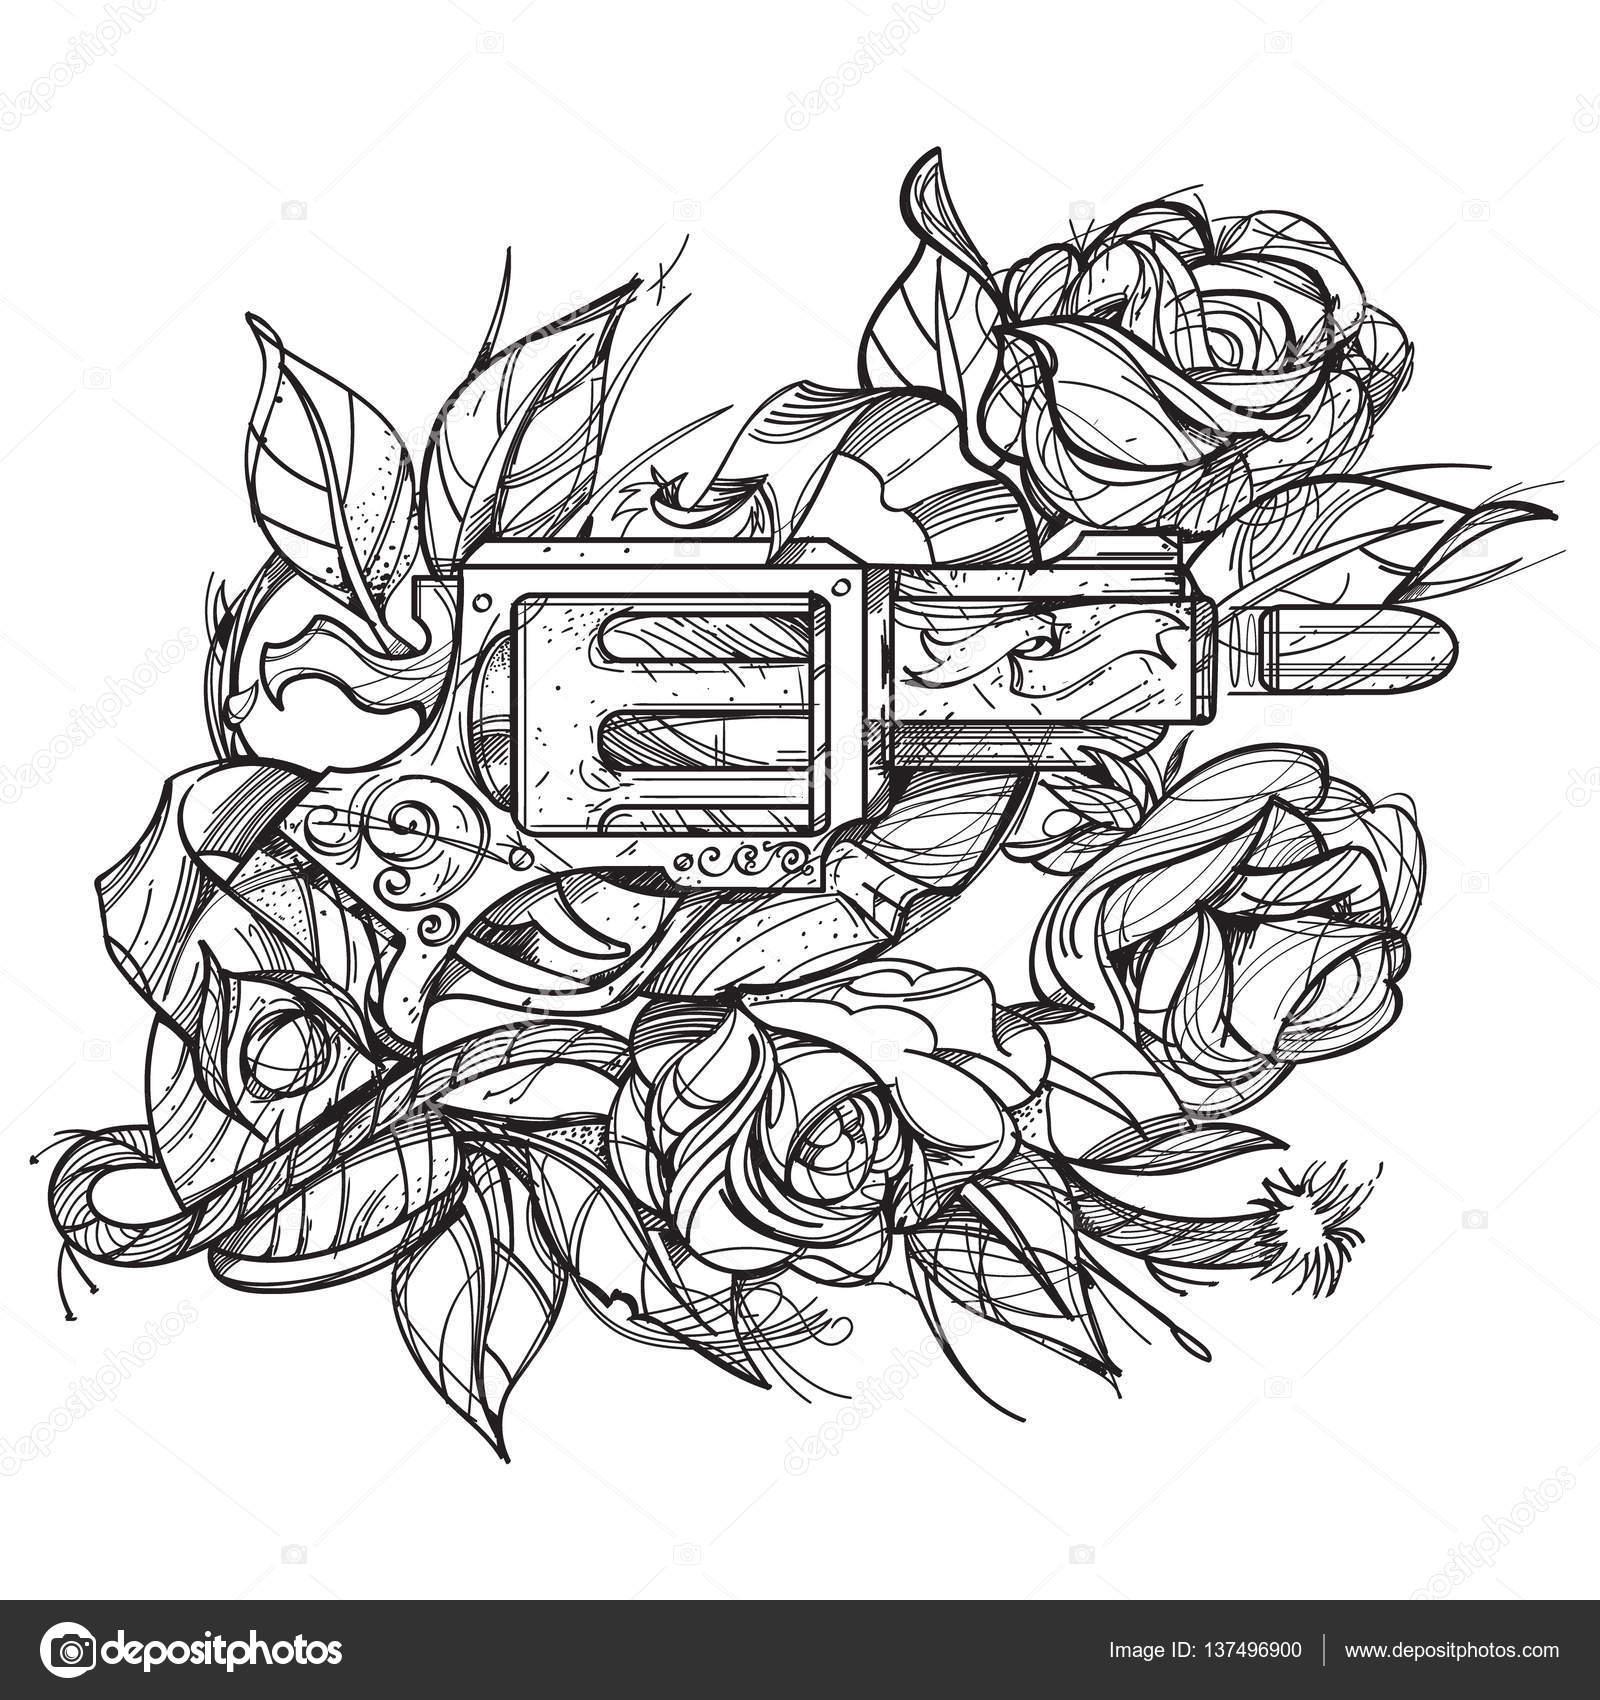 Armas Y Rosas Tatuaje Estilo De Dibujo A Mano Imagen Para Colorear